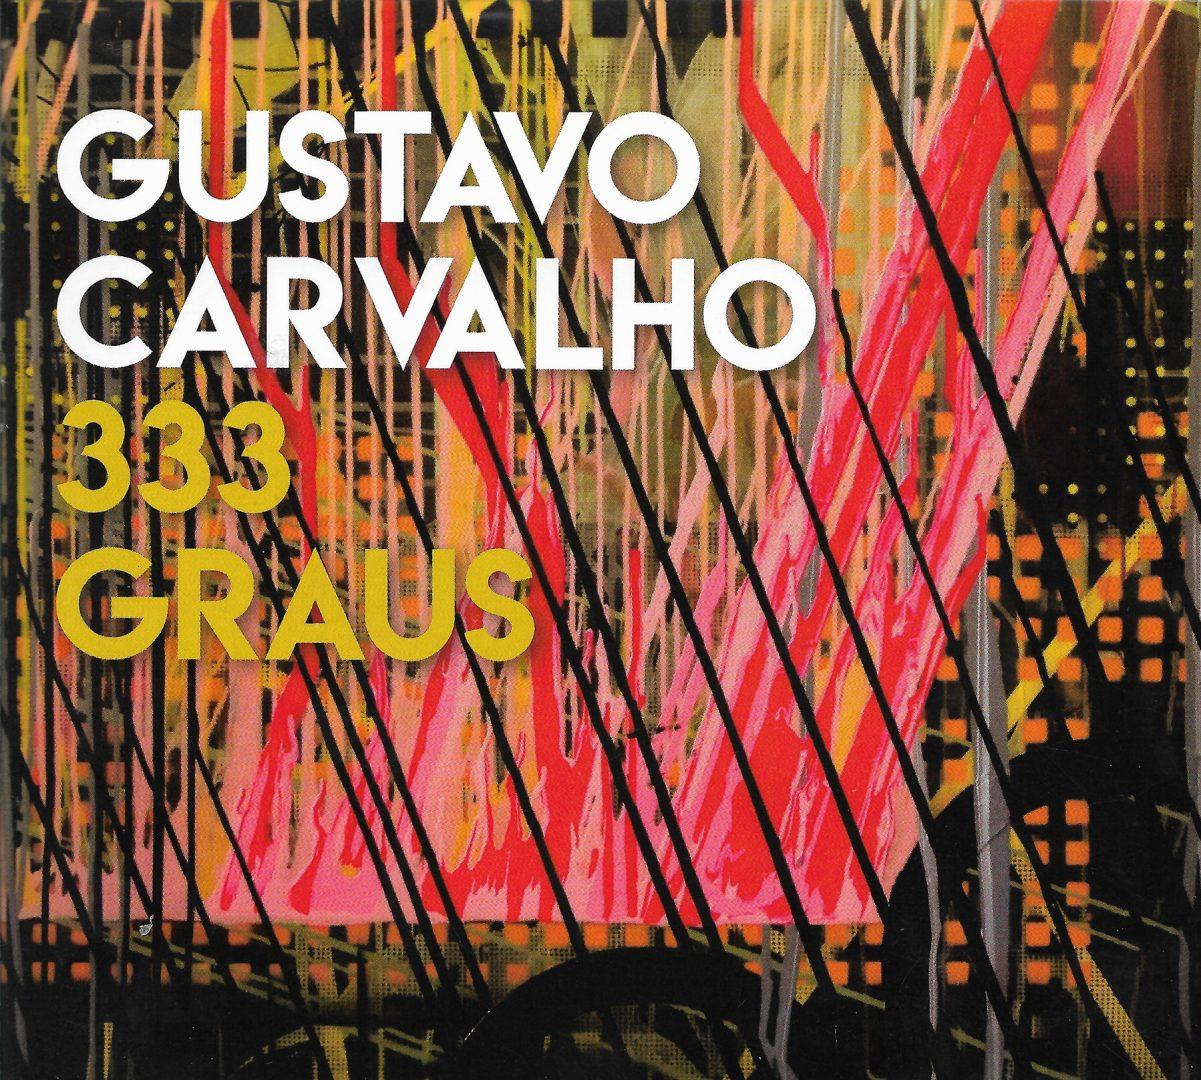 Capa CD Gustavo Carvalho Viagens de um músico